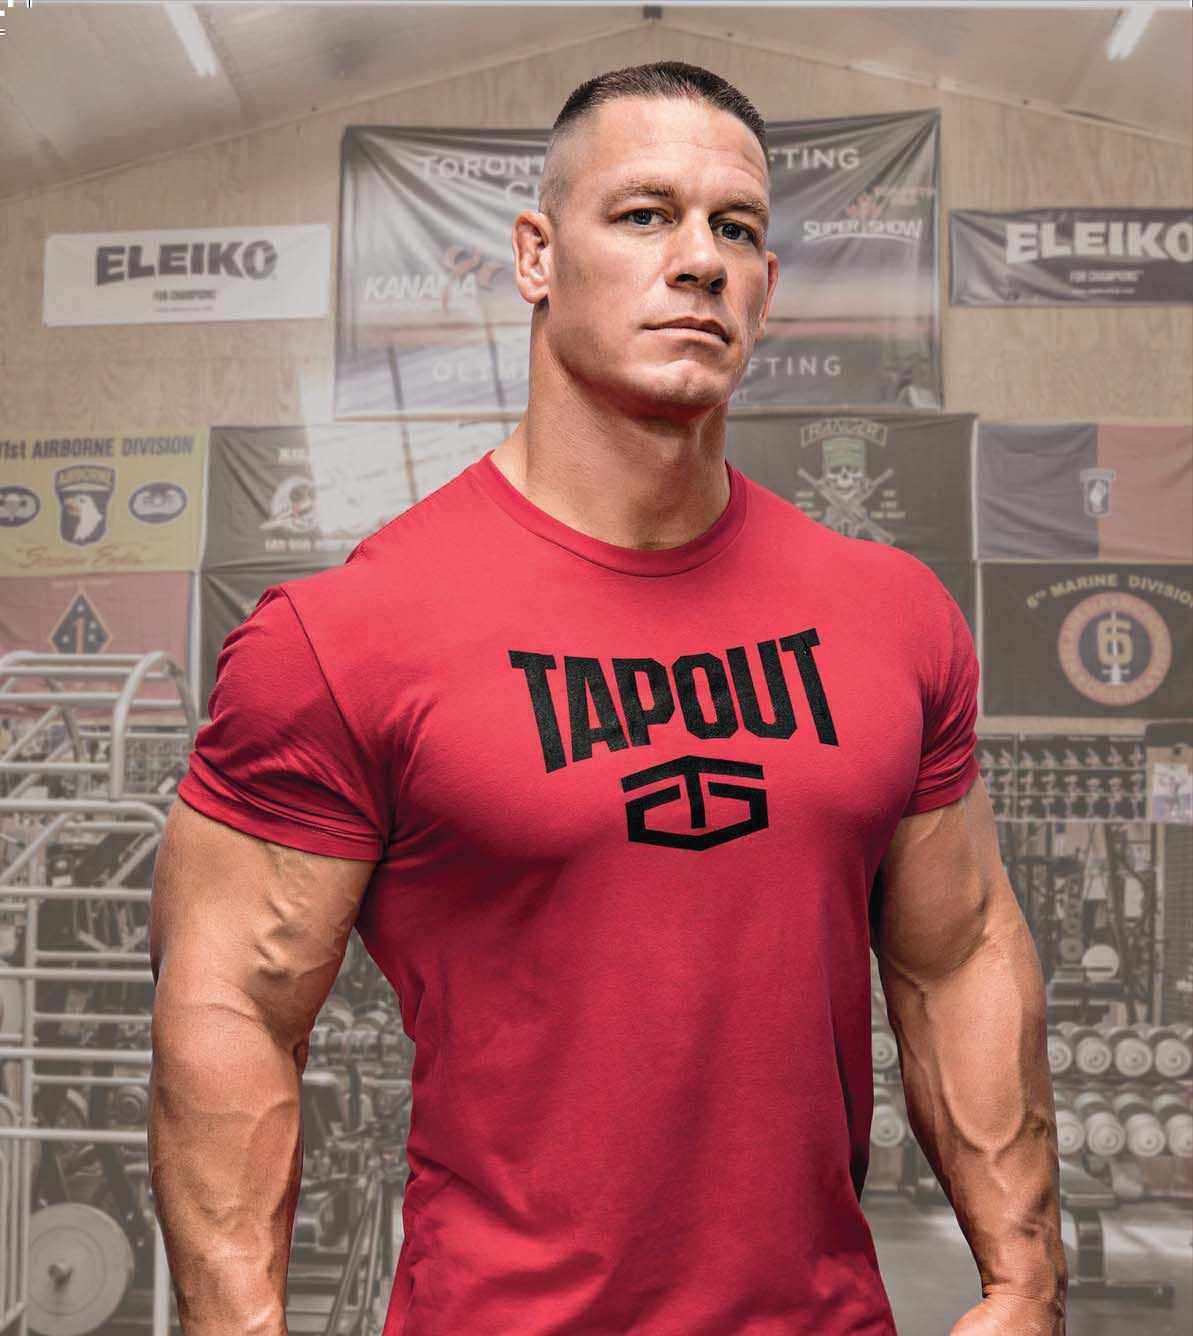 John Cena Has Yet To Peak